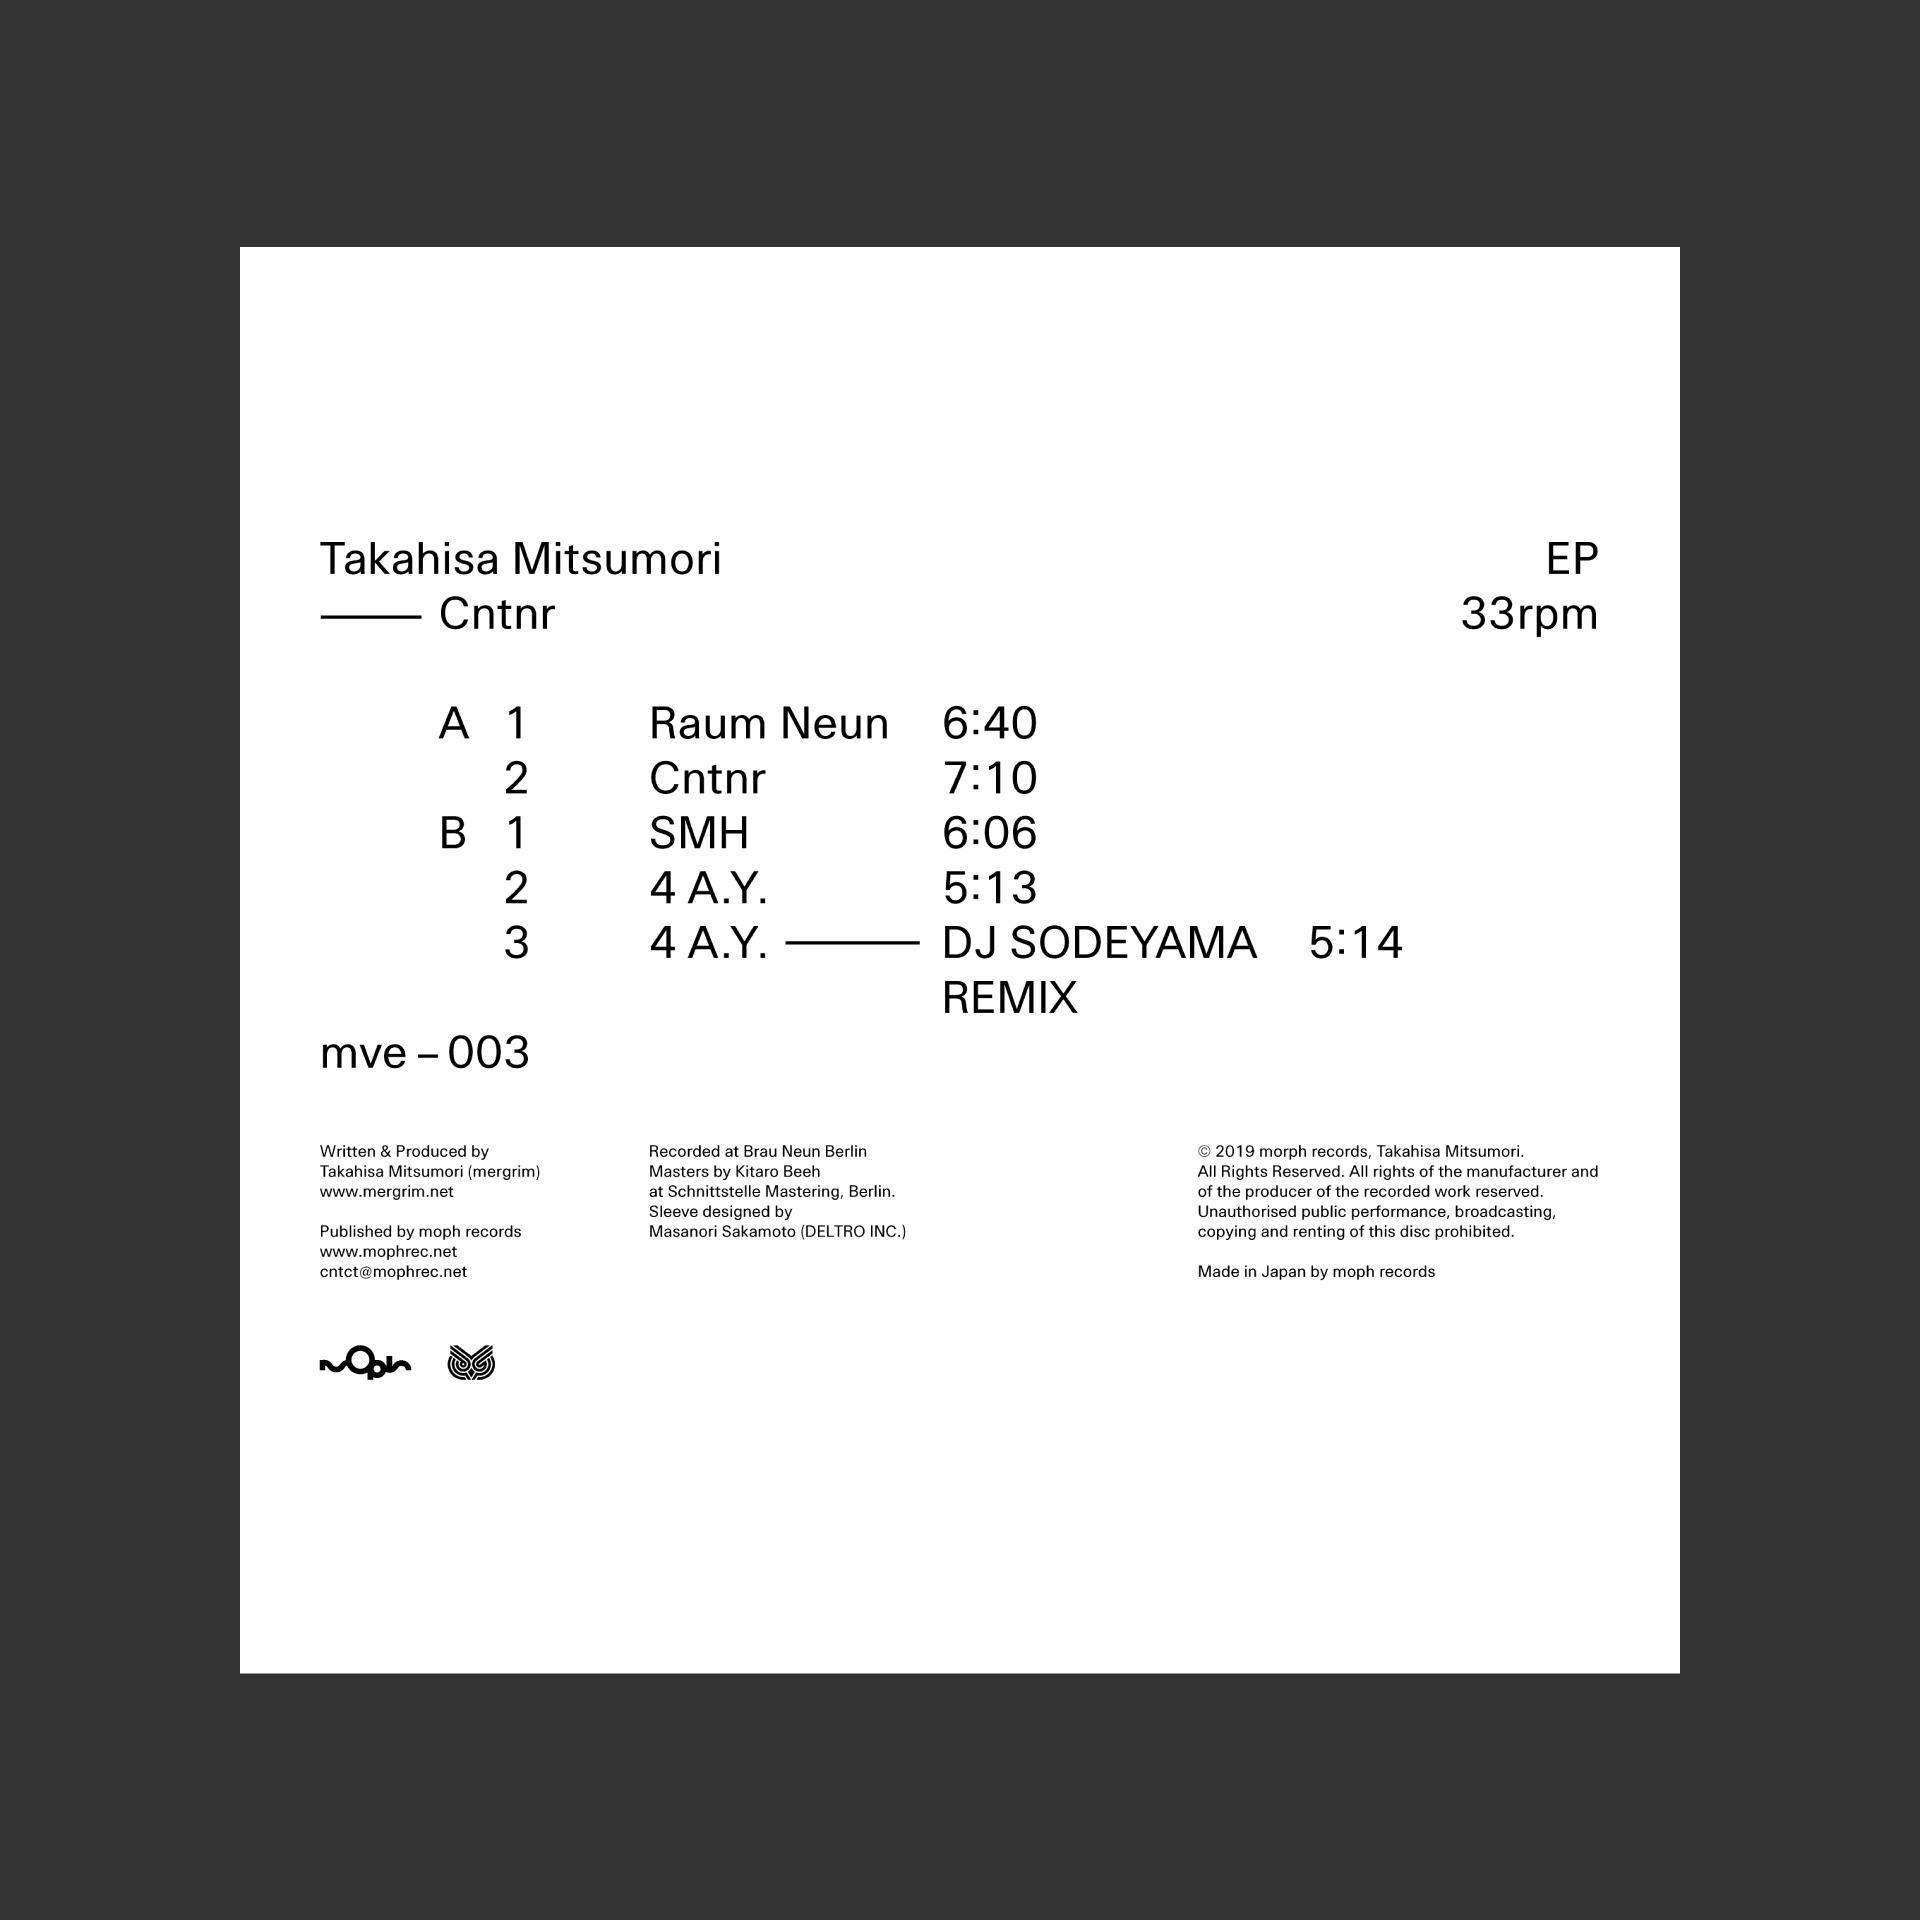 Takahisa Mitsumori — Cntnr